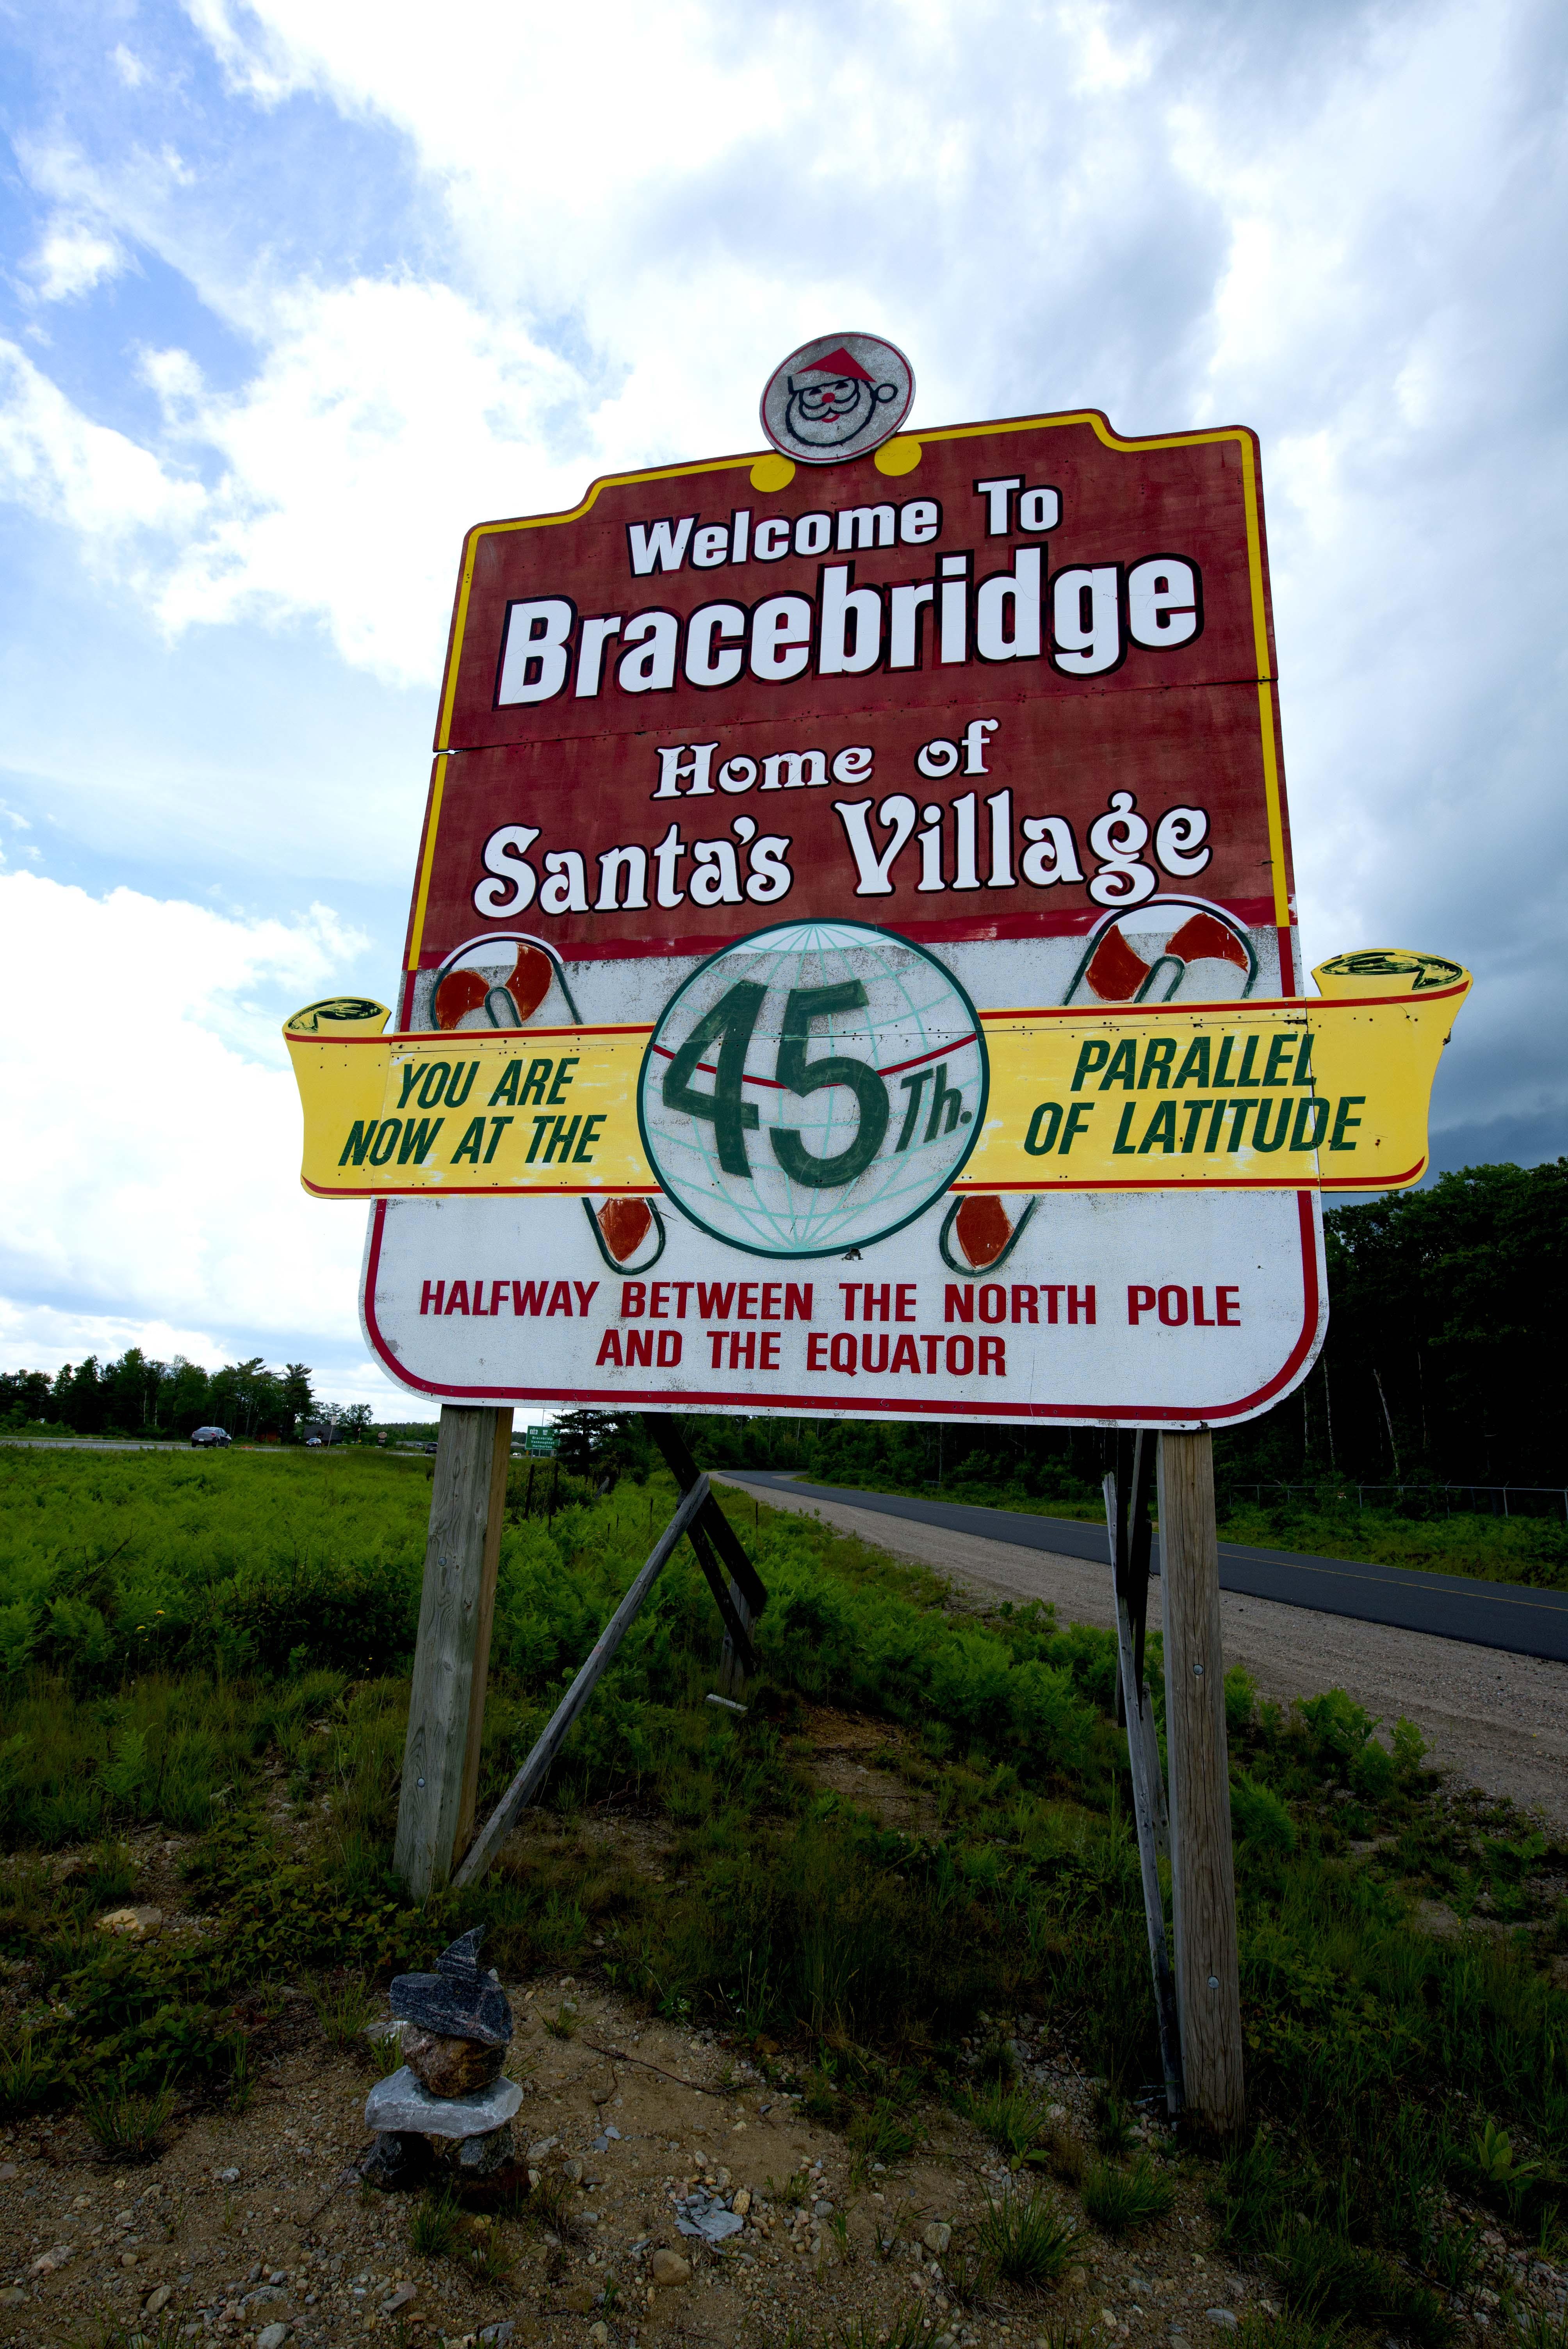 Bracebridge santa village board